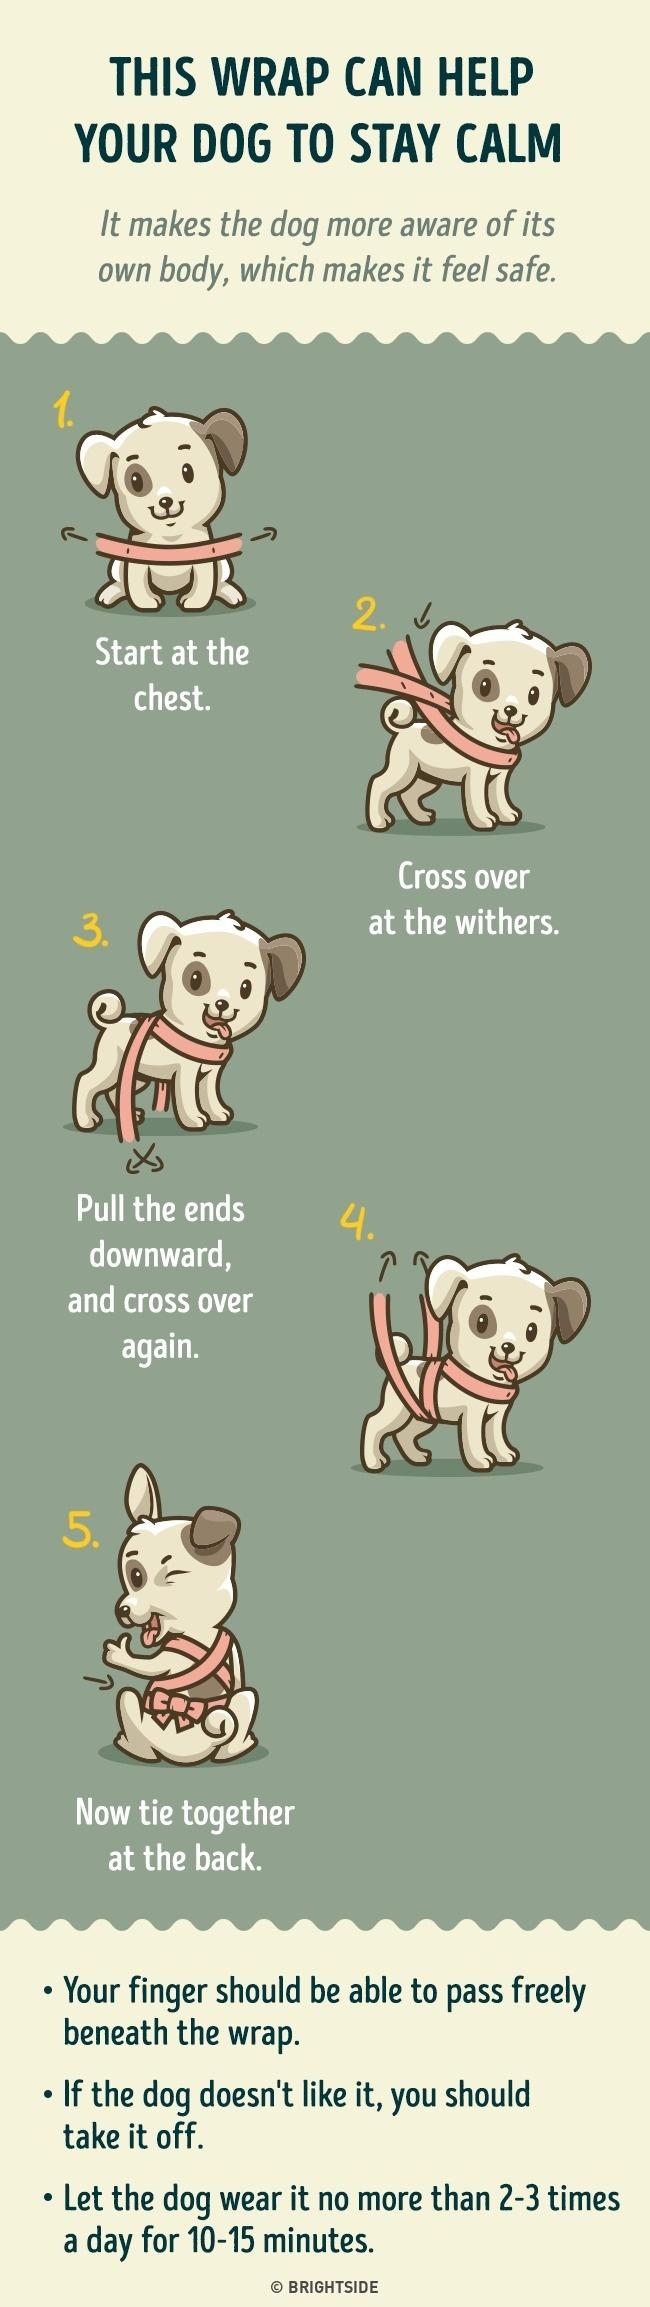 Woofland - Πως διατηρώ το σκύλο μου ήρεμο σε έντονους θορύβους - Επιστήμη και ενημέρωση